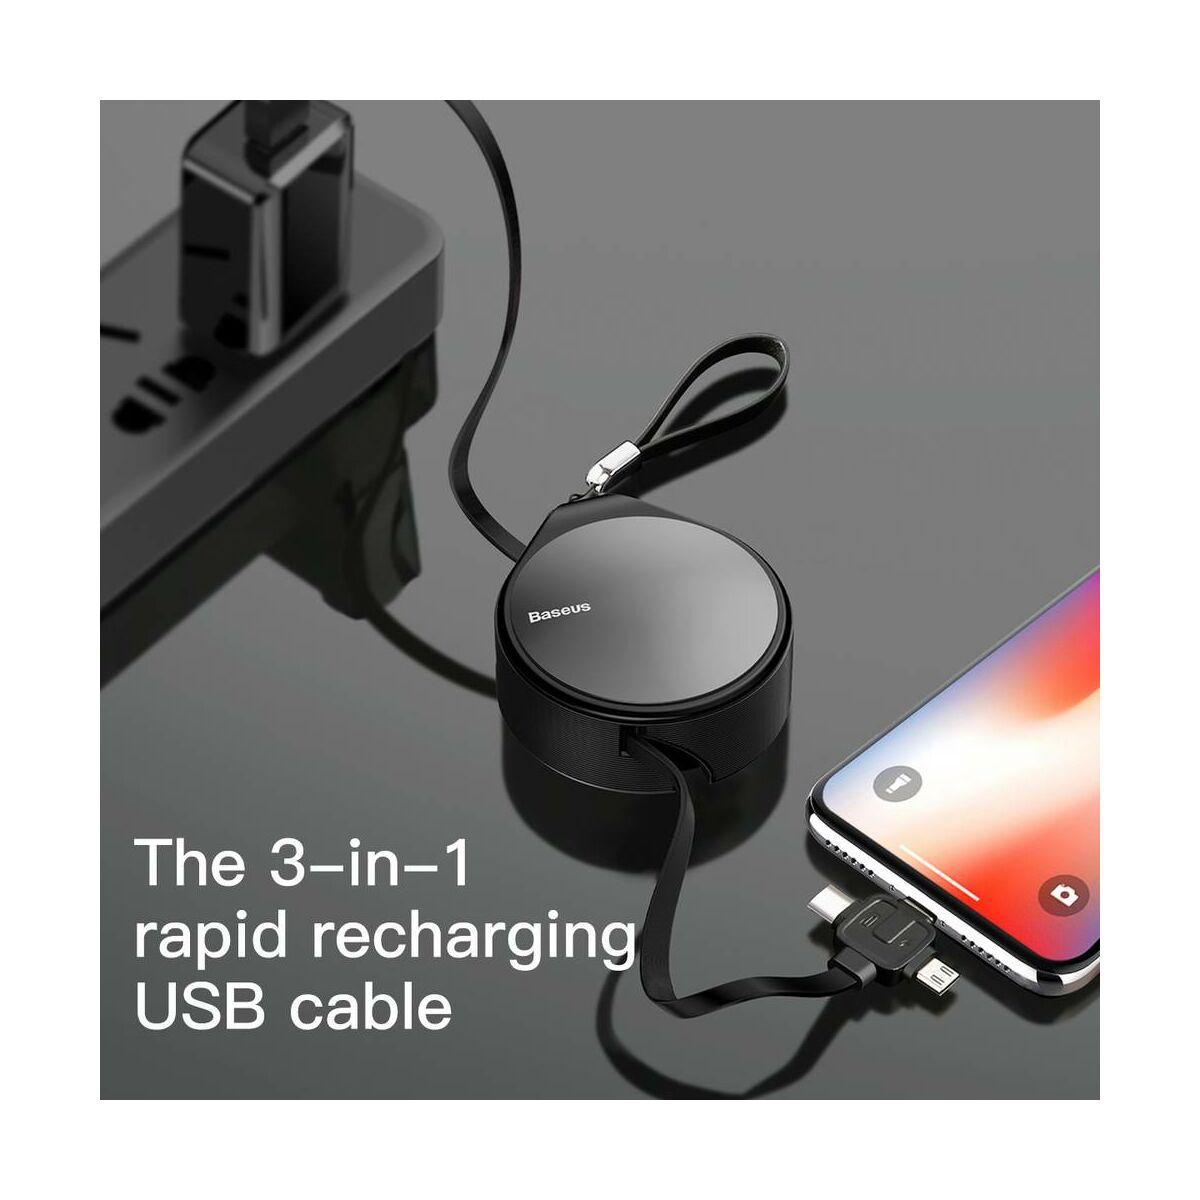 Baseus Univerzális kábel, 3-in-1 (Light-Micro-Type) cseppforma tartóban, kihúzható, 1.5A, 1.5m, szürke (CAMLT-EP0G)